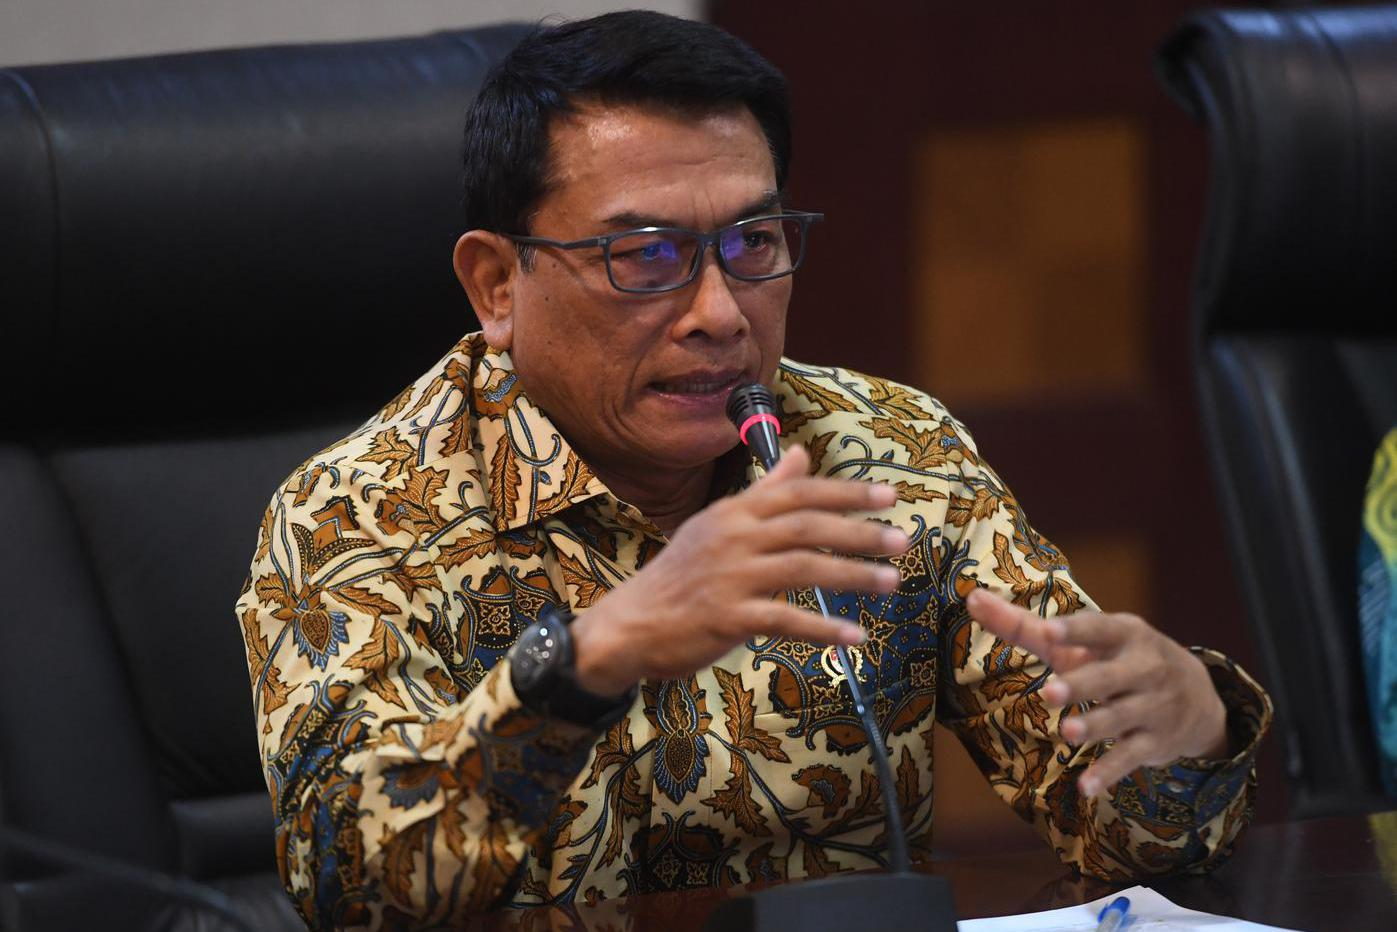 Kepala Staf Presiden Moeldoko memberikan keterangan terkait capaian kinerja pemerintahan Jokowi-JK di Jakarta, Jumat (18/10/2019). Moeldoko menyatakan pemerintahan Jokowi-JK telah berhasil melaksanakan pembangunan menyeluruh di Indonesia seperti Tol Trans